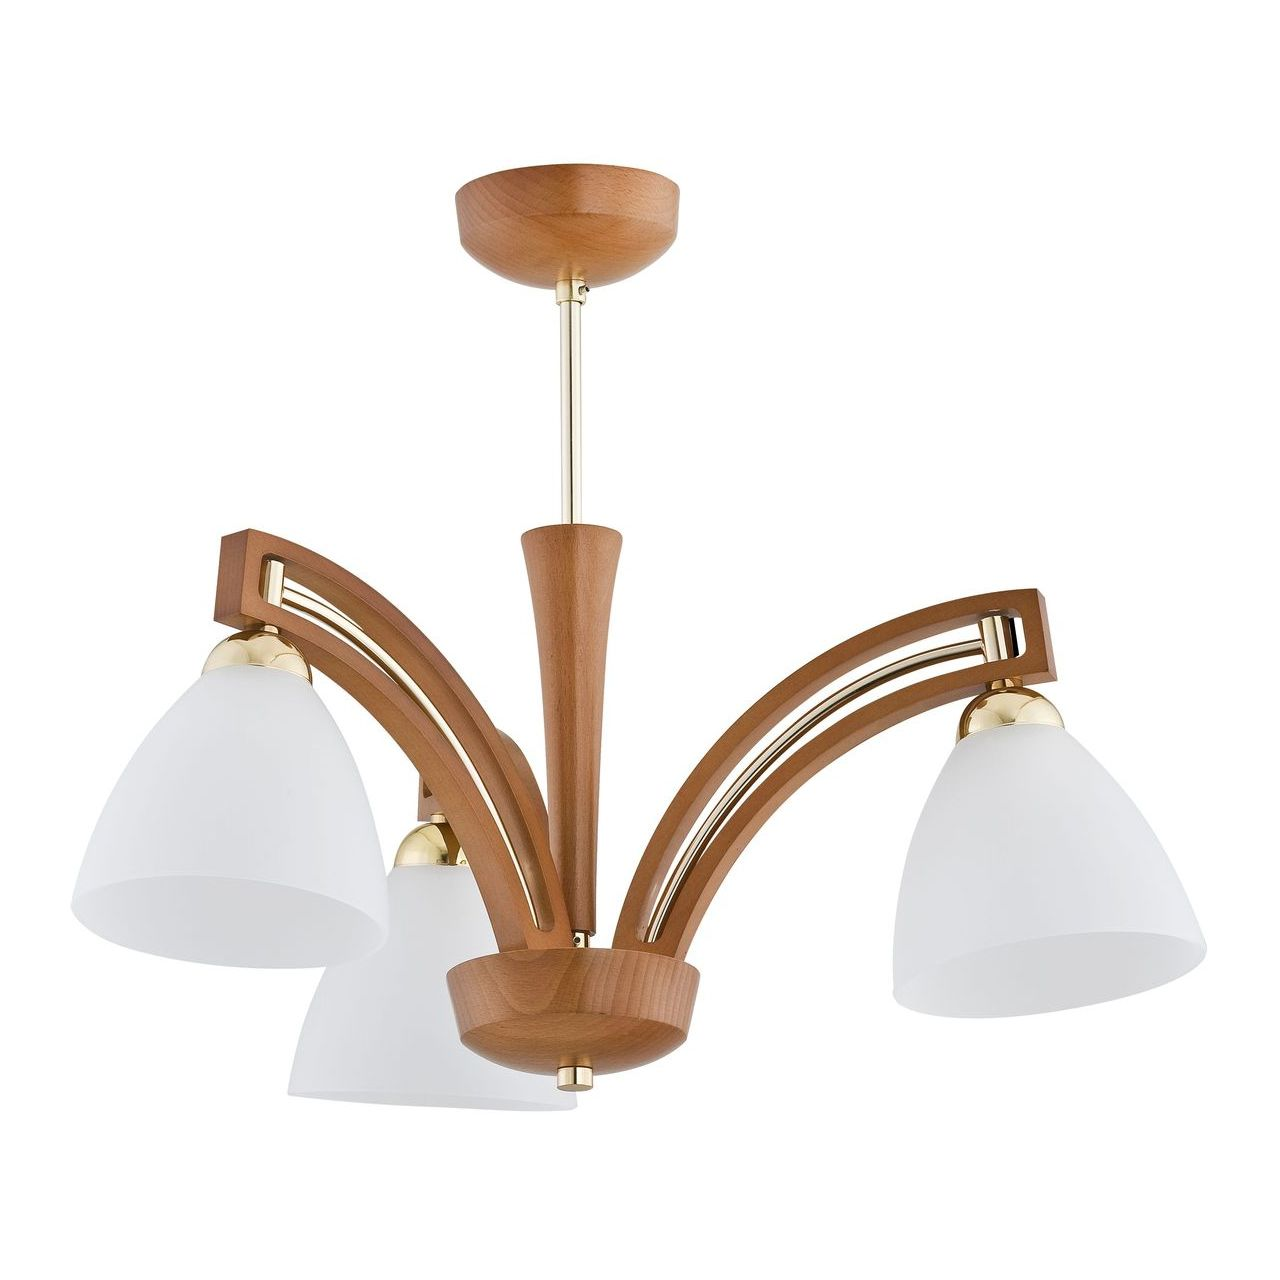 купить Потолочный светильник Alfa, E27, 180 Вт по цене 6390 рублей